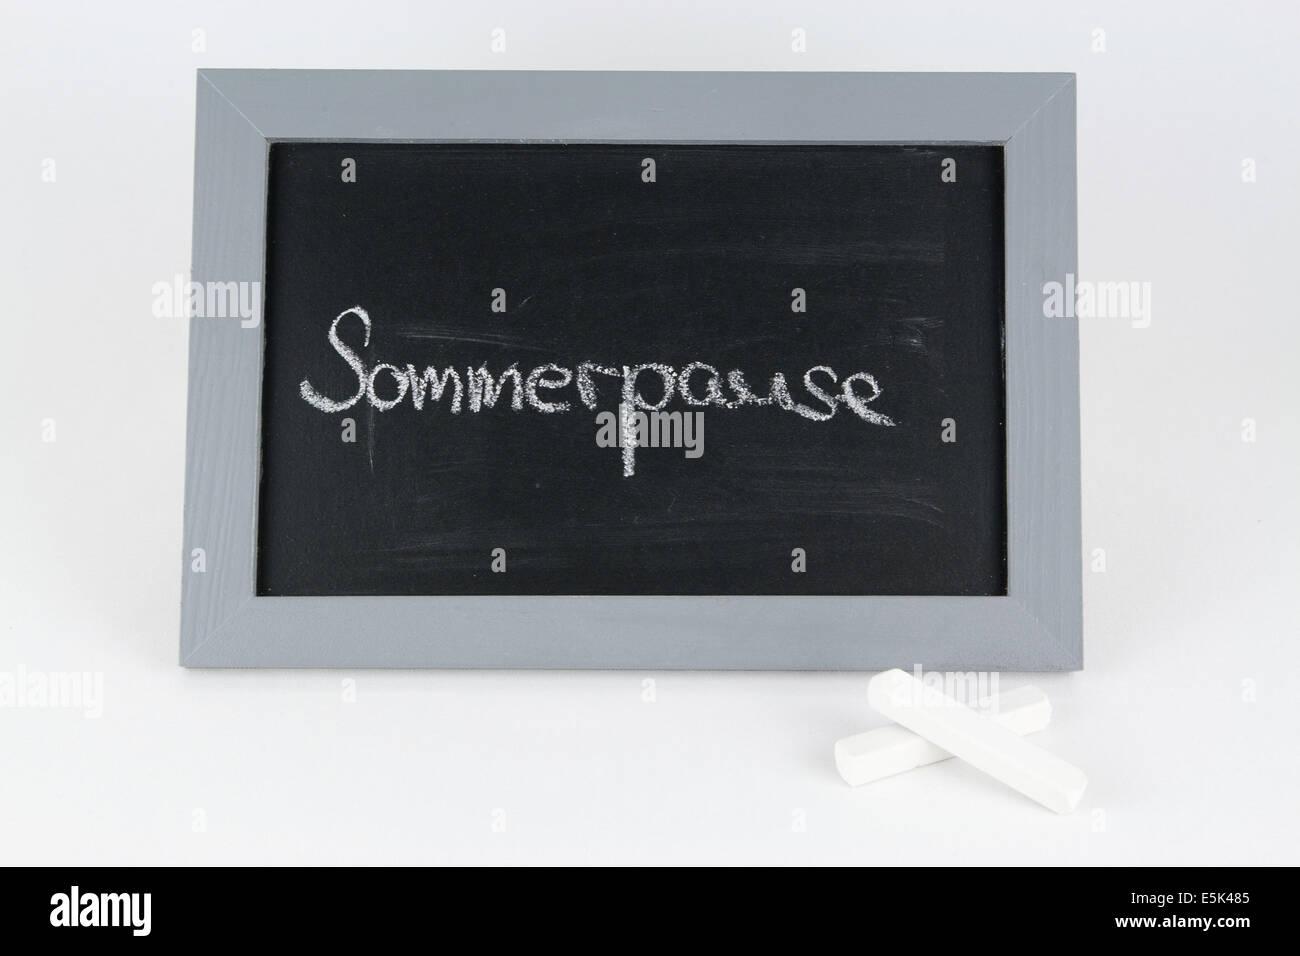 Tafel Ferien Urlaub Sommerpause Ferienzeit Sommerferien Kinder Mitschueler Frei Schulfrei Lernpause Alphabet Kreide - Stock Image